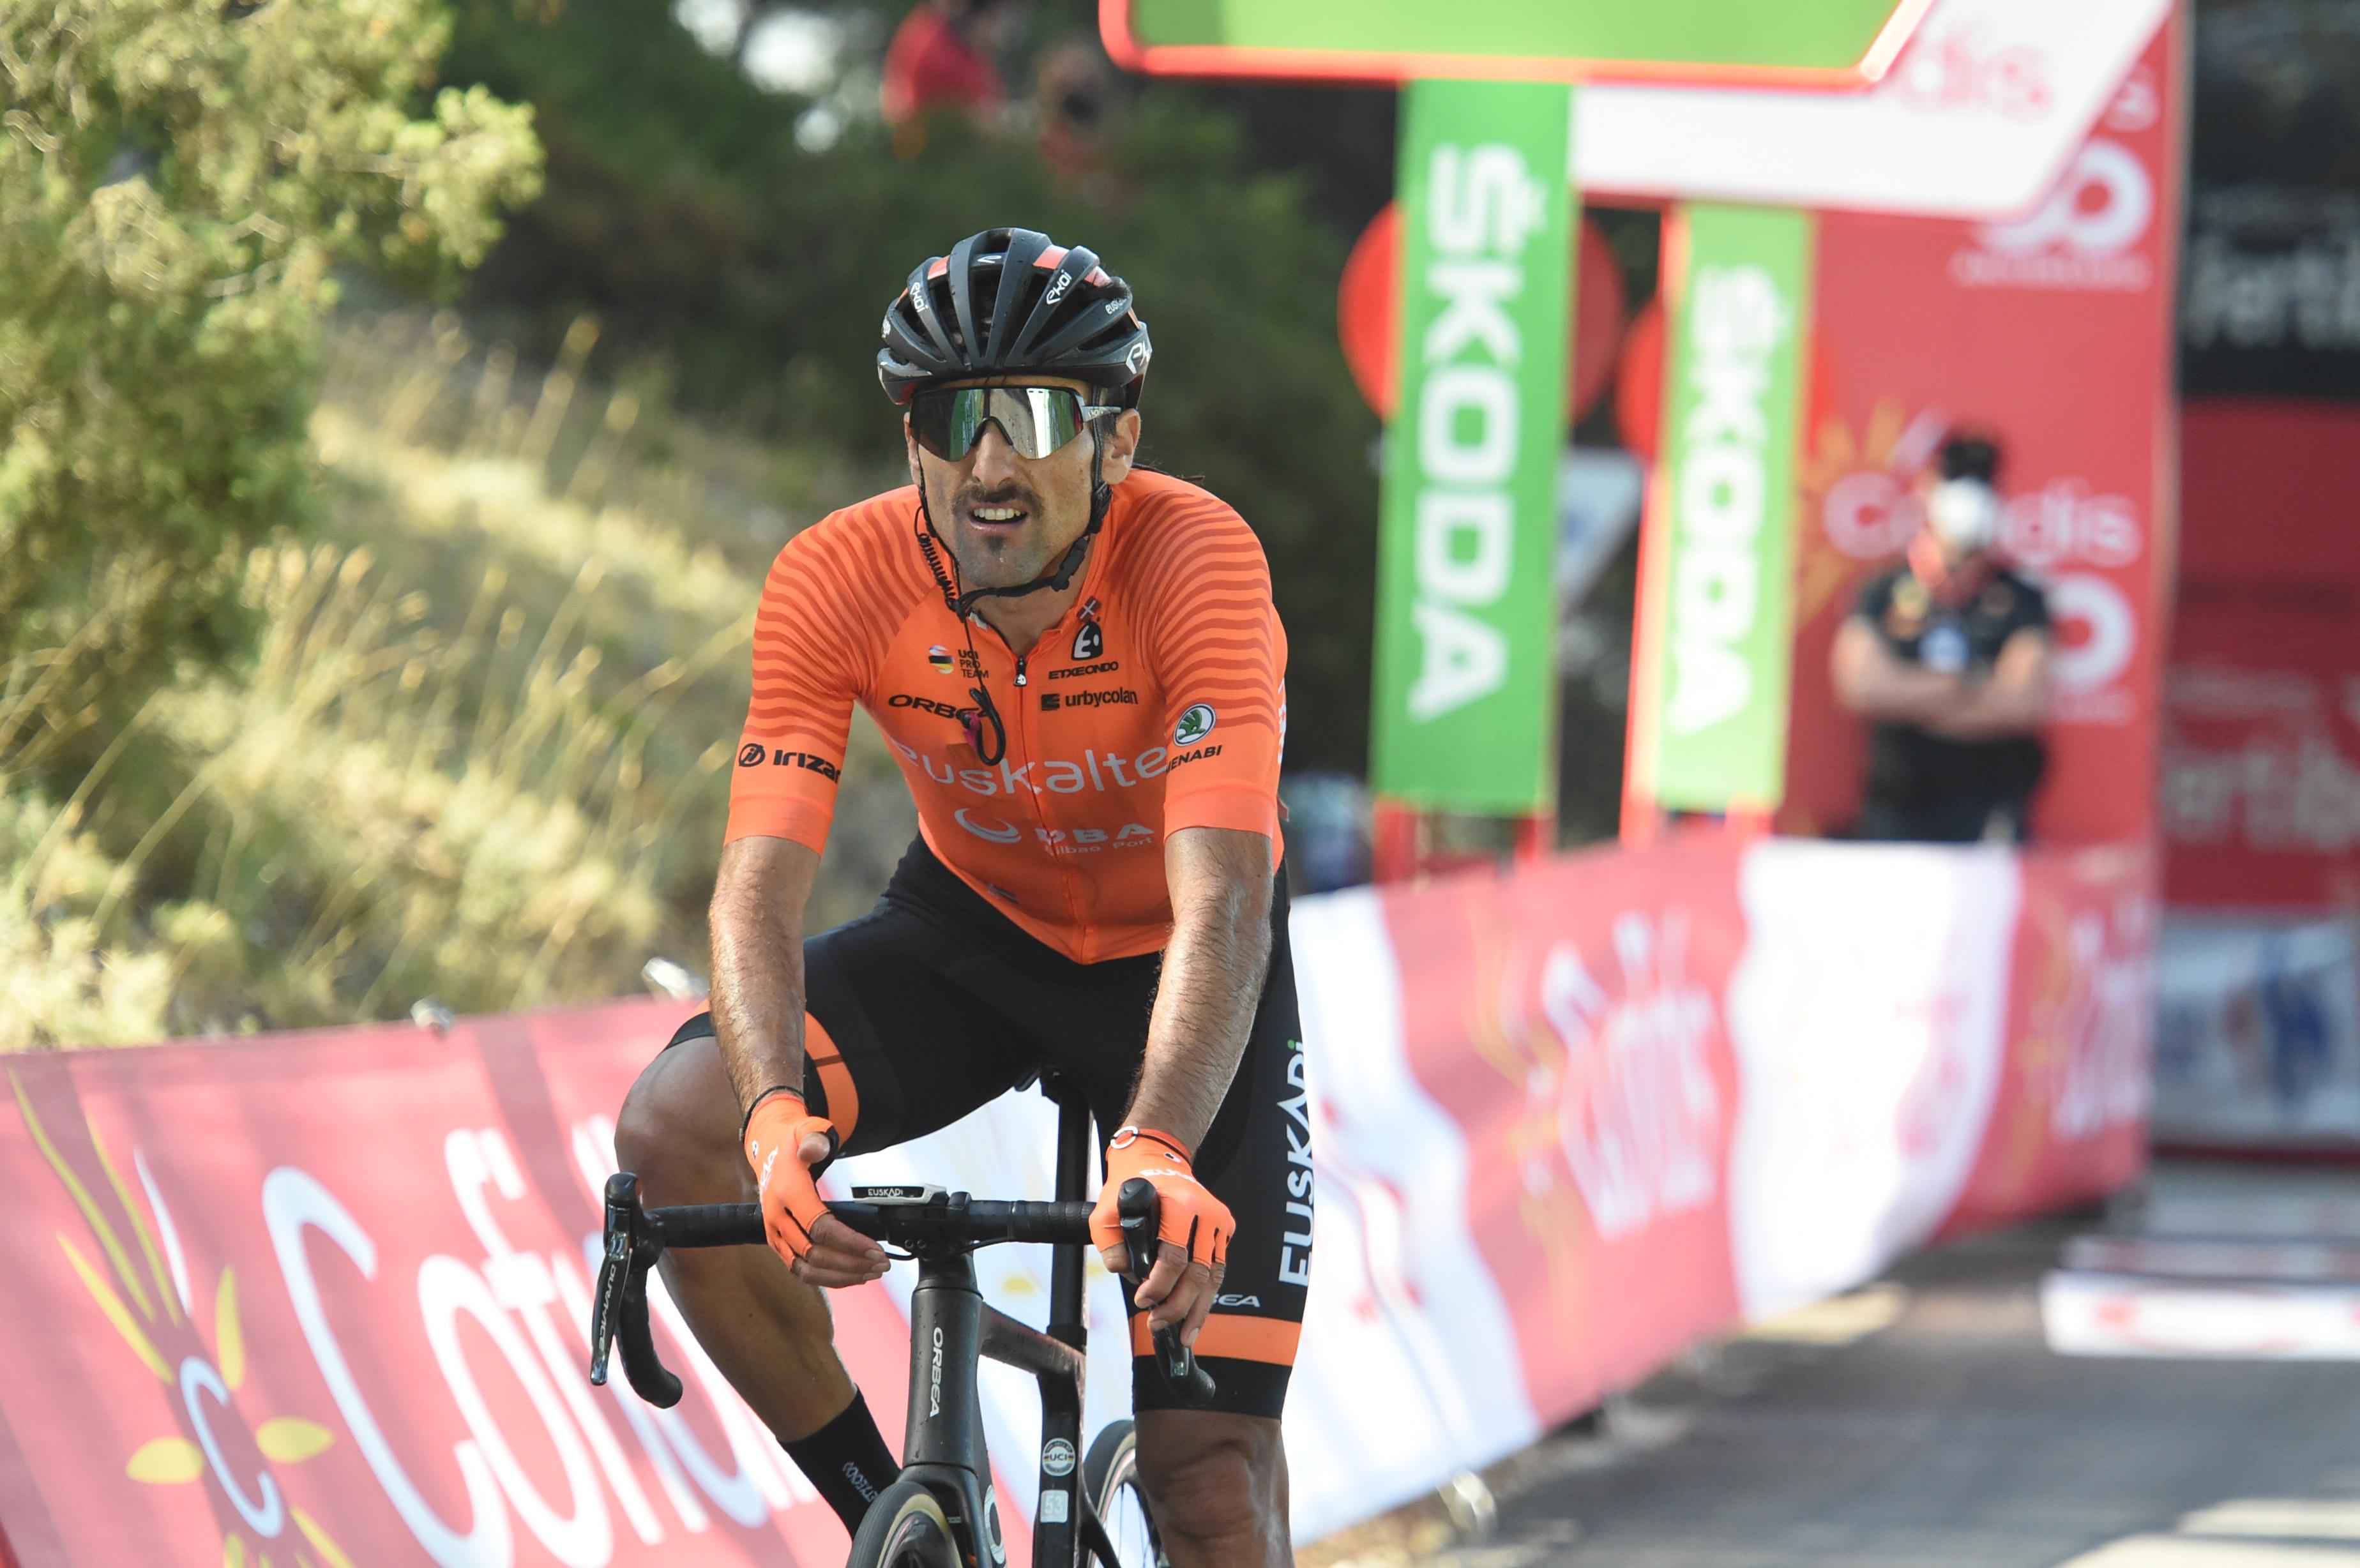 Ko Vuelta ni dovolj in želiš še več